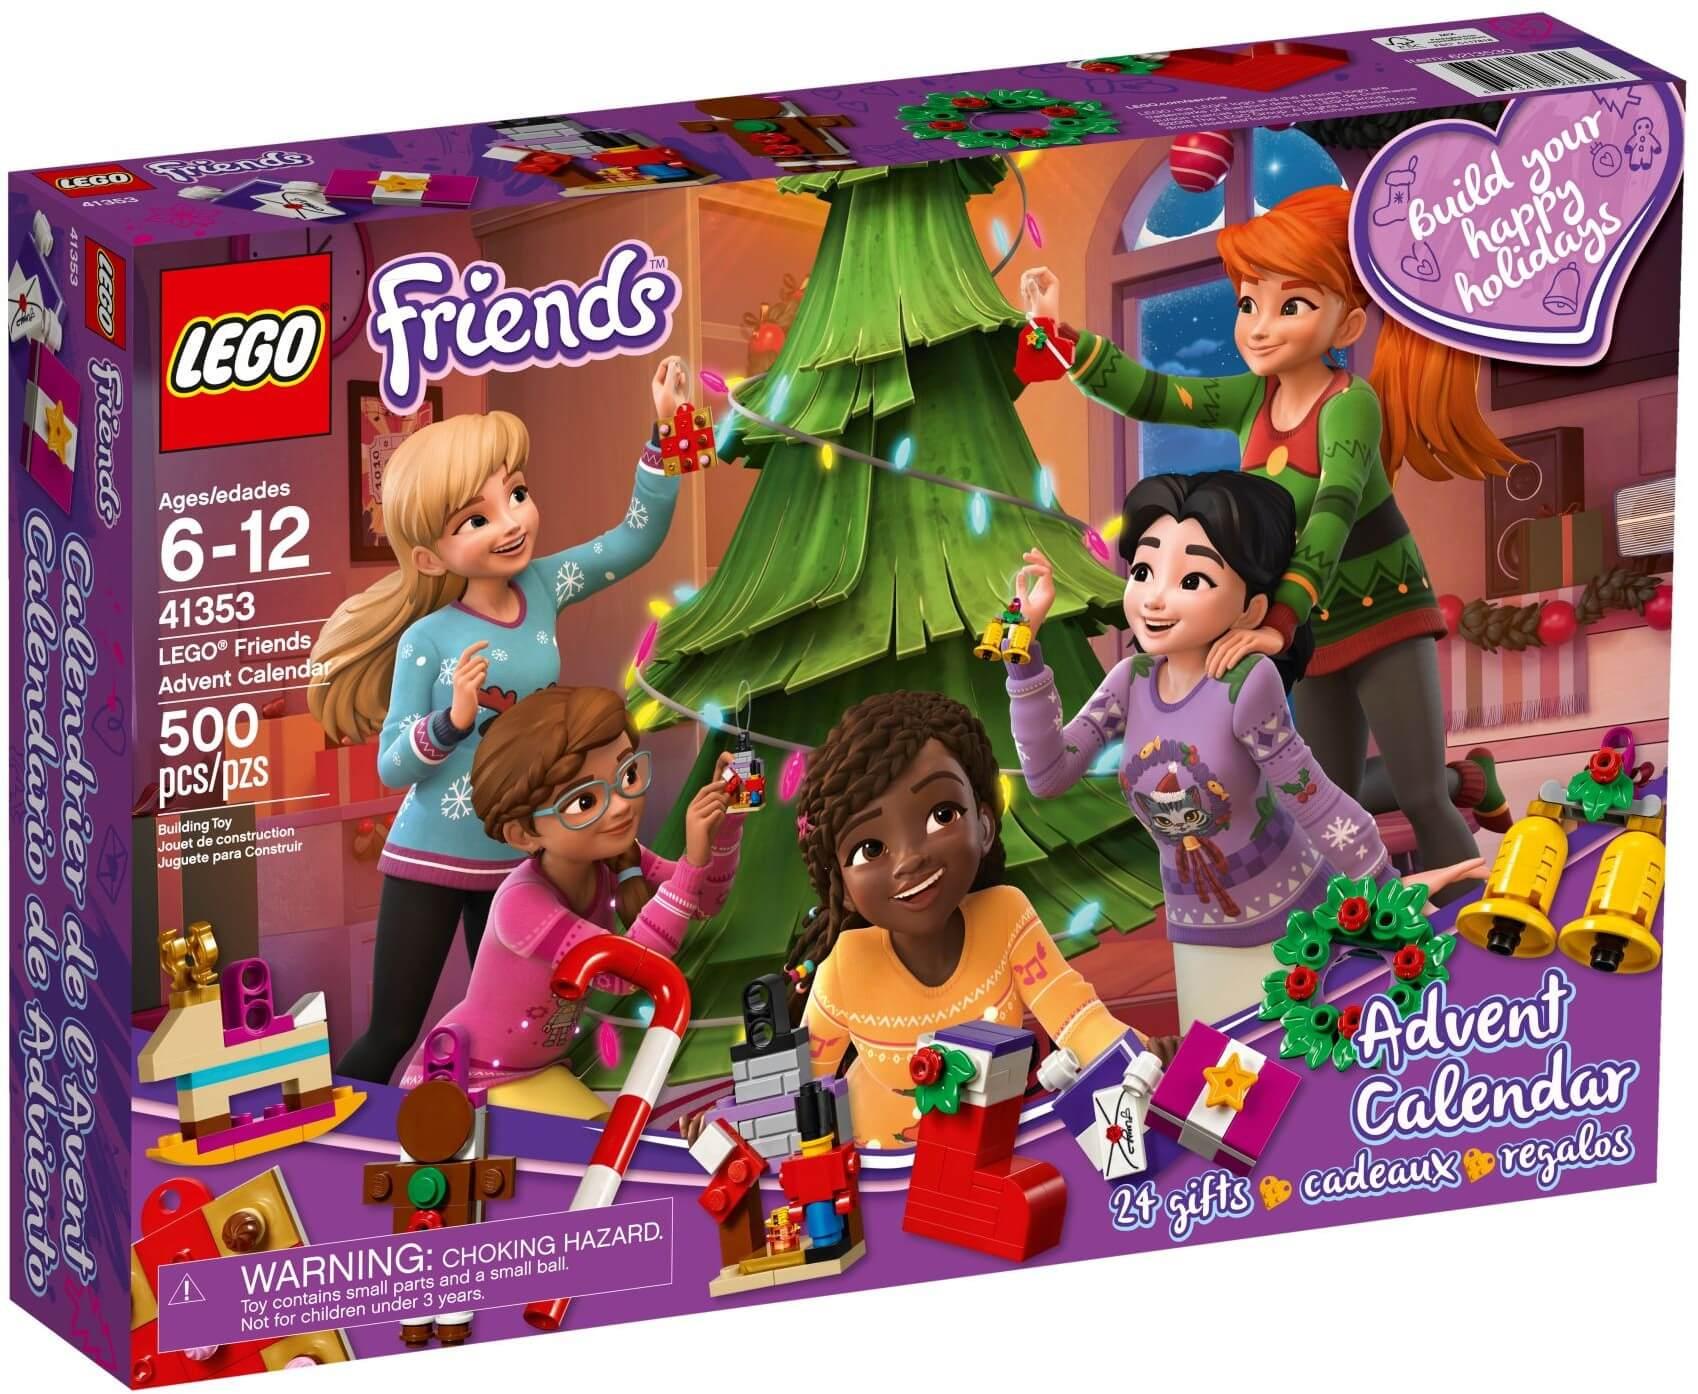 Mua đồ chơi LEGO 41353 - LEGO Friends 41353 - Bộ Lịch Giáng Sinh LEGO Friends Advent Calendar (LEGO 41353 LEGO Friends Advent Calendar)